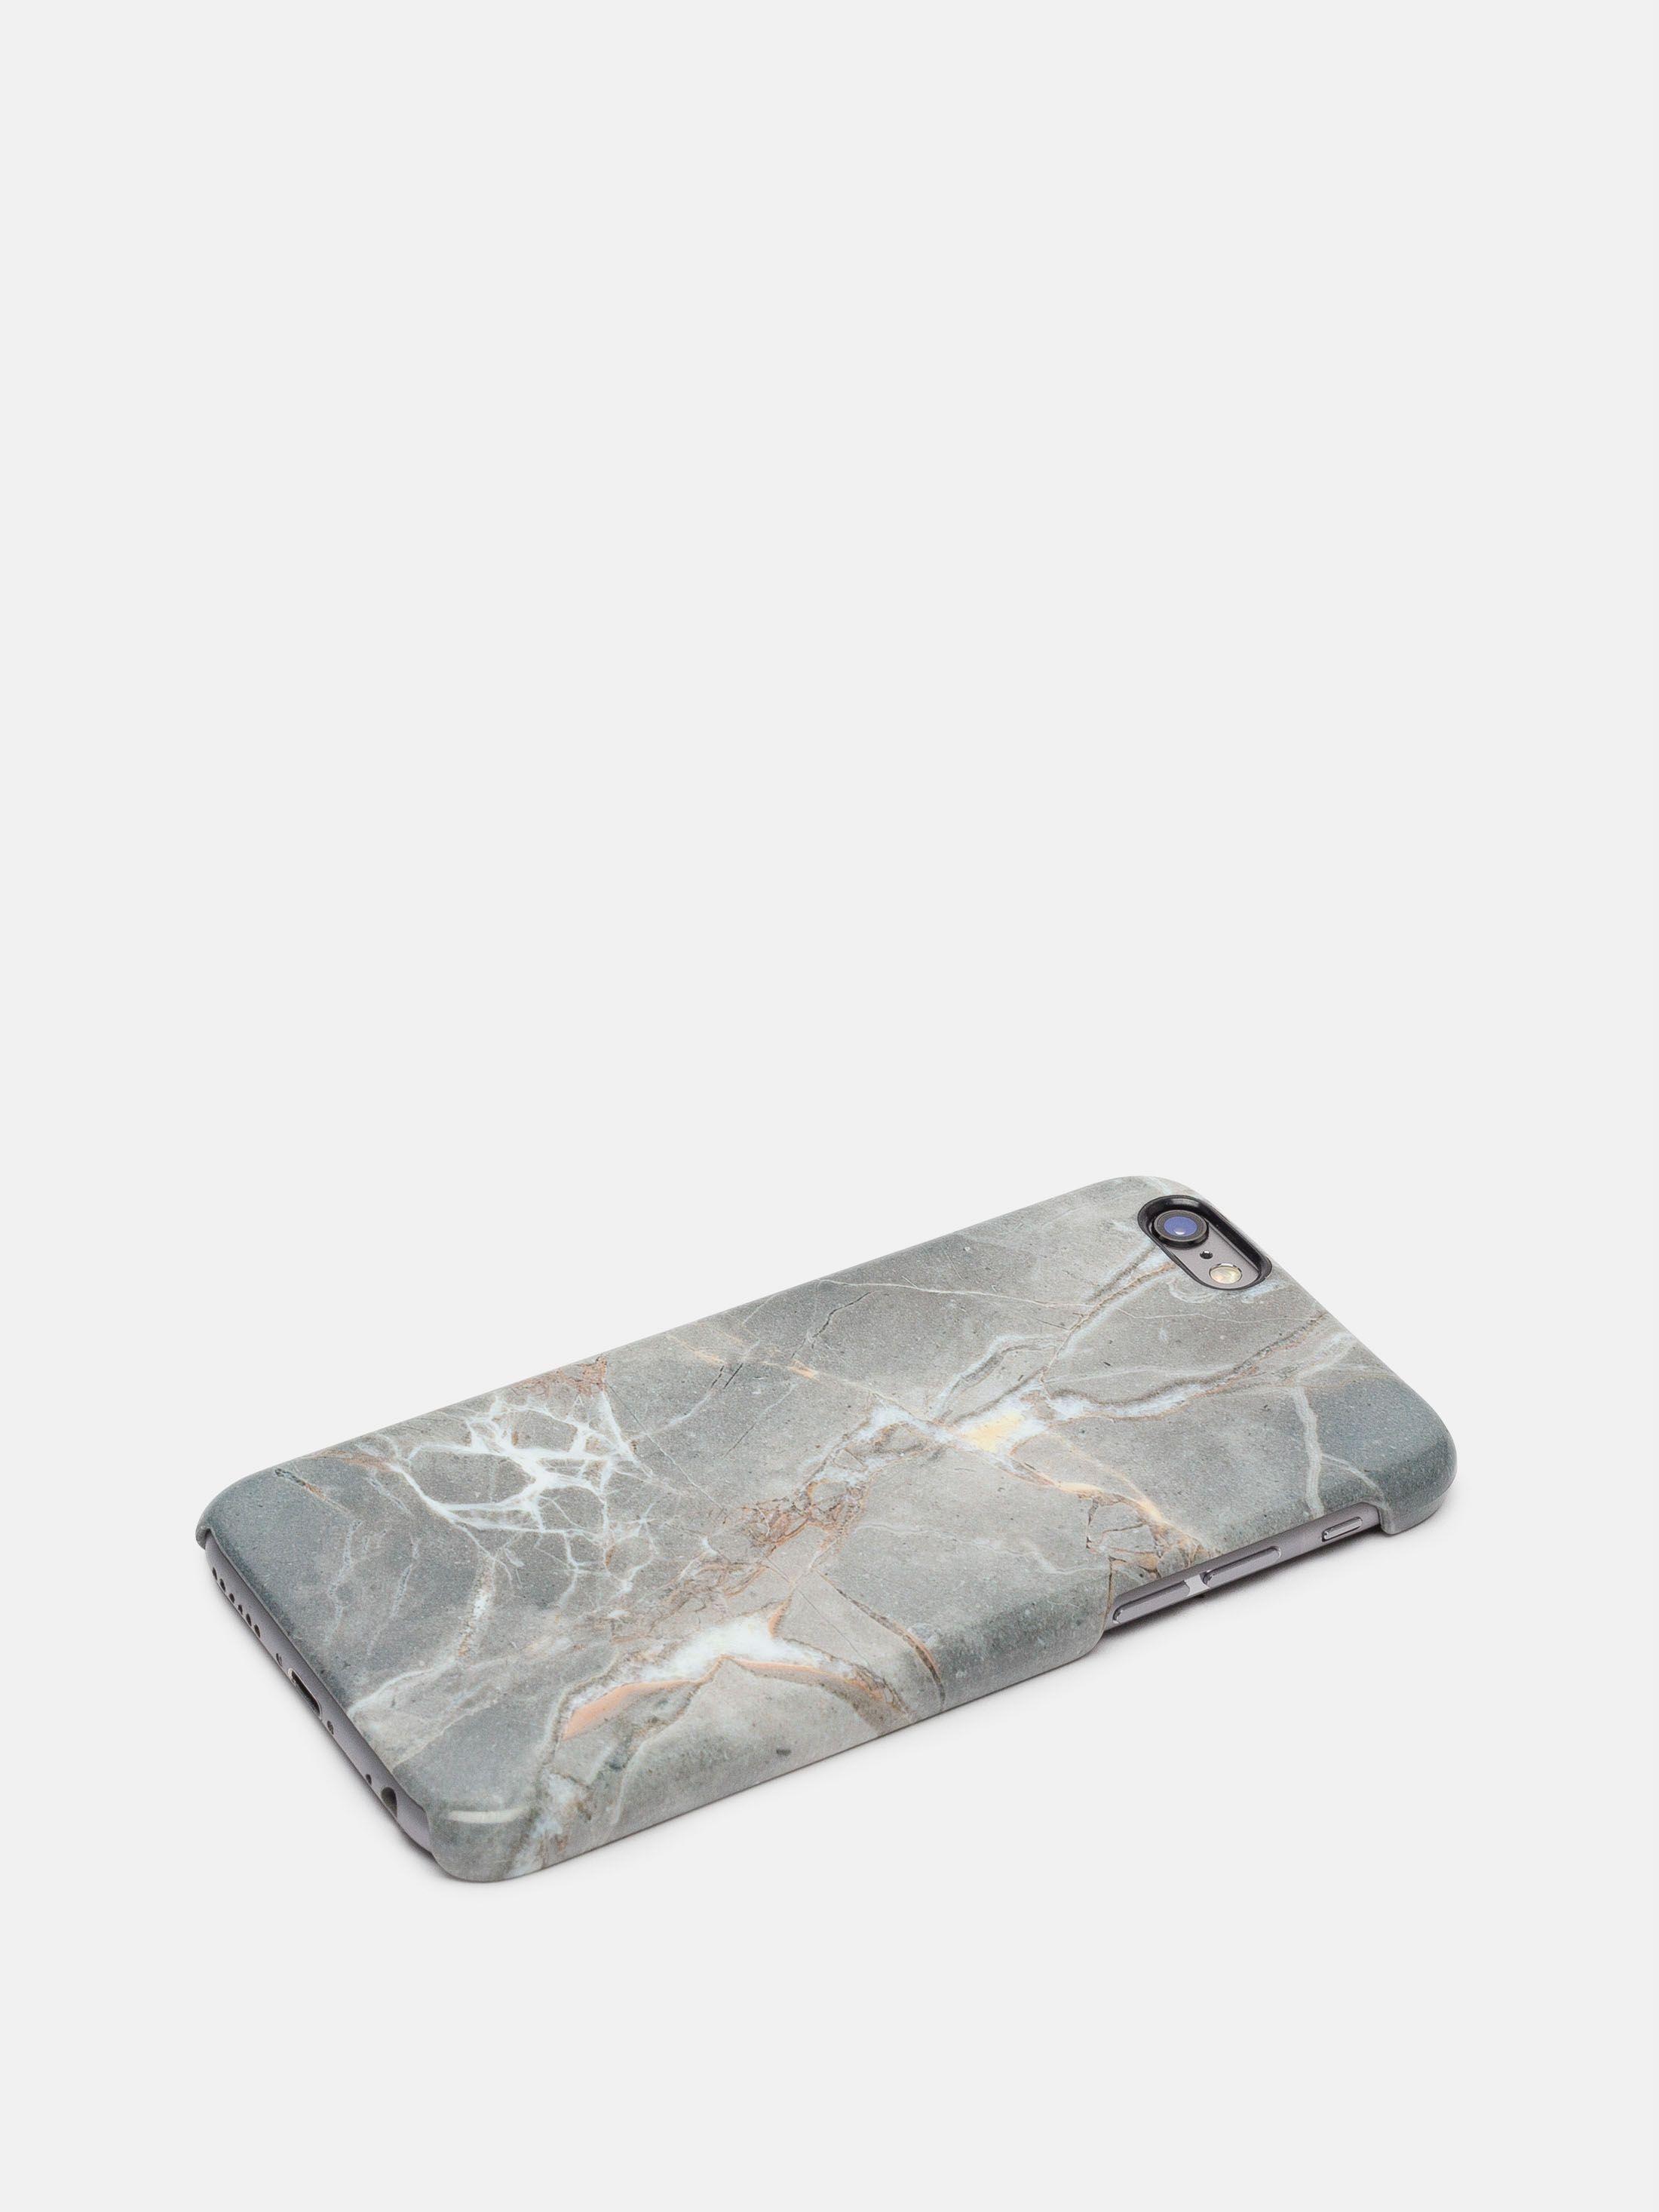 iphone 6+ custom case